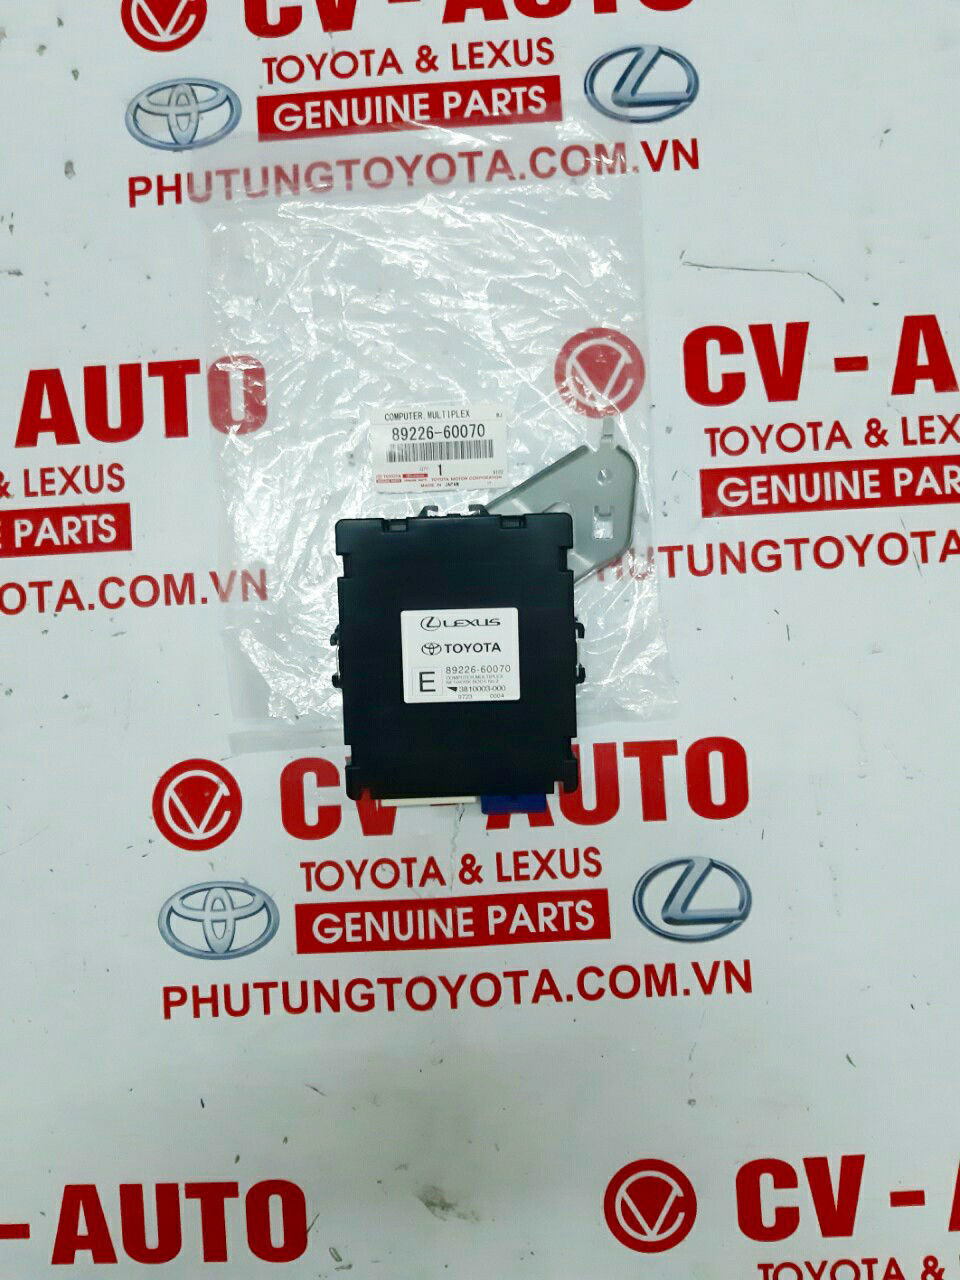 Picture of 89226-60070 Hộp điều khiển thân xe đa kênh Lexus LX570 2016-2020 chính hãng